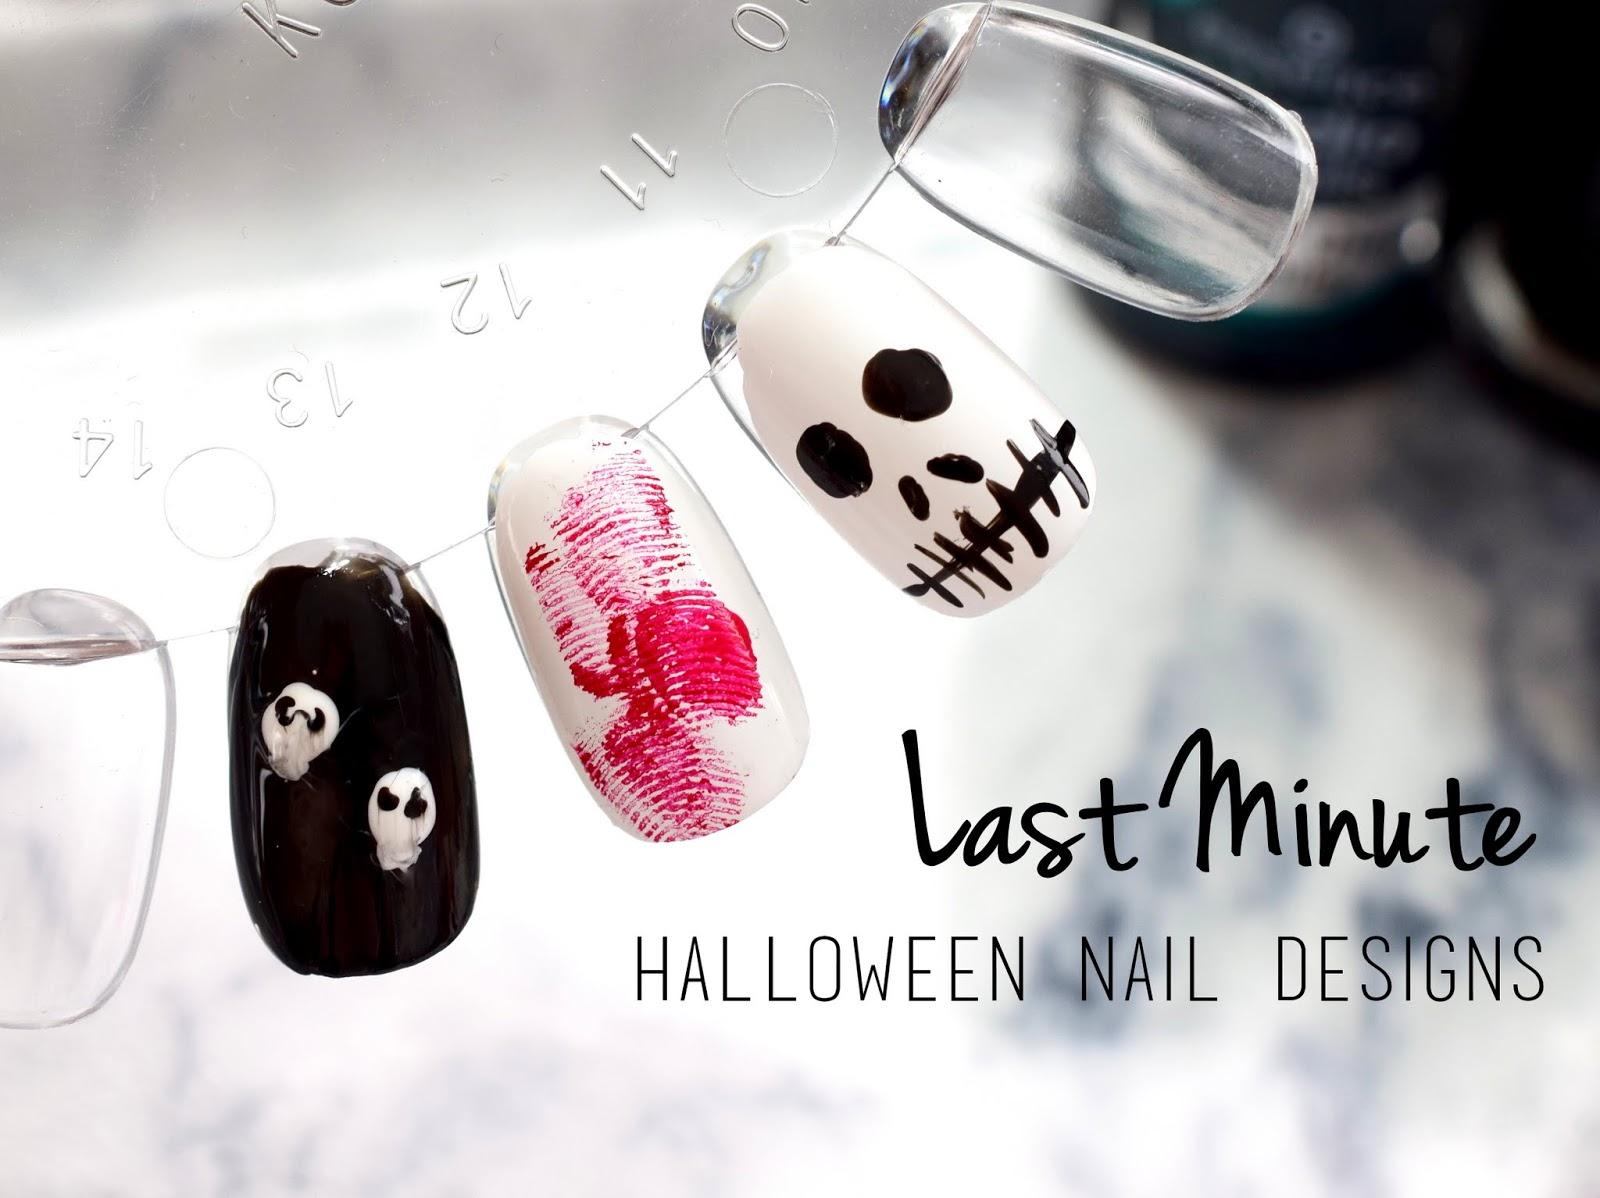 Halloween Tutorial: 3 Last Minute Nail Designs - I need sunshine